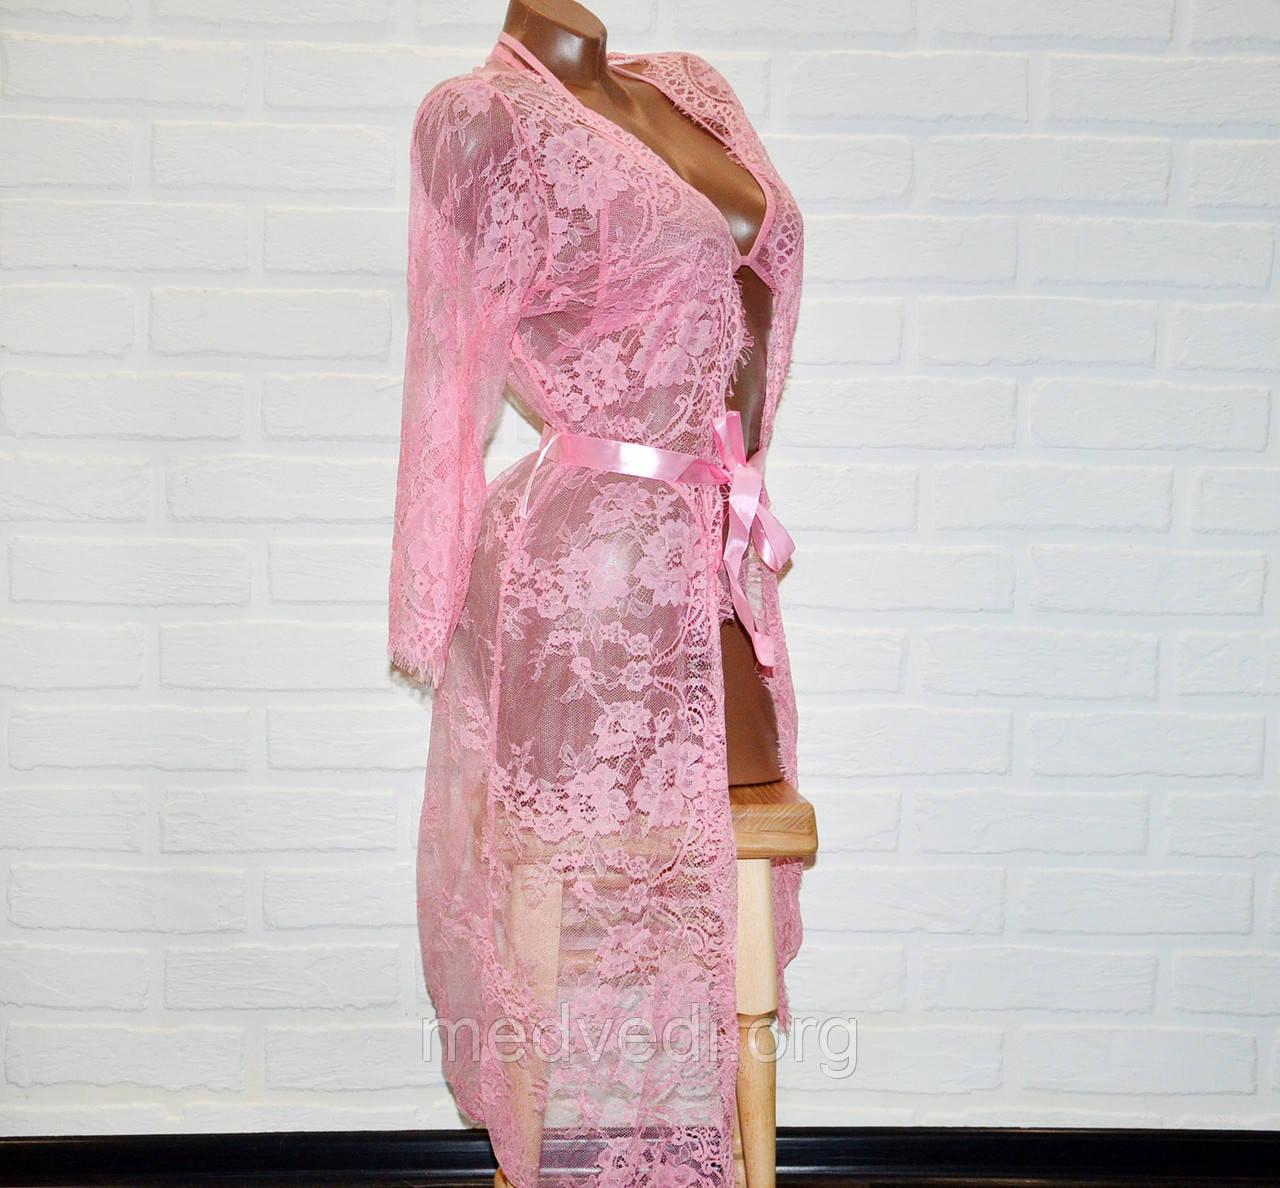 Розовый кружевной комплект женского белья халат, бюстгальтер и трусы стринги, размер L